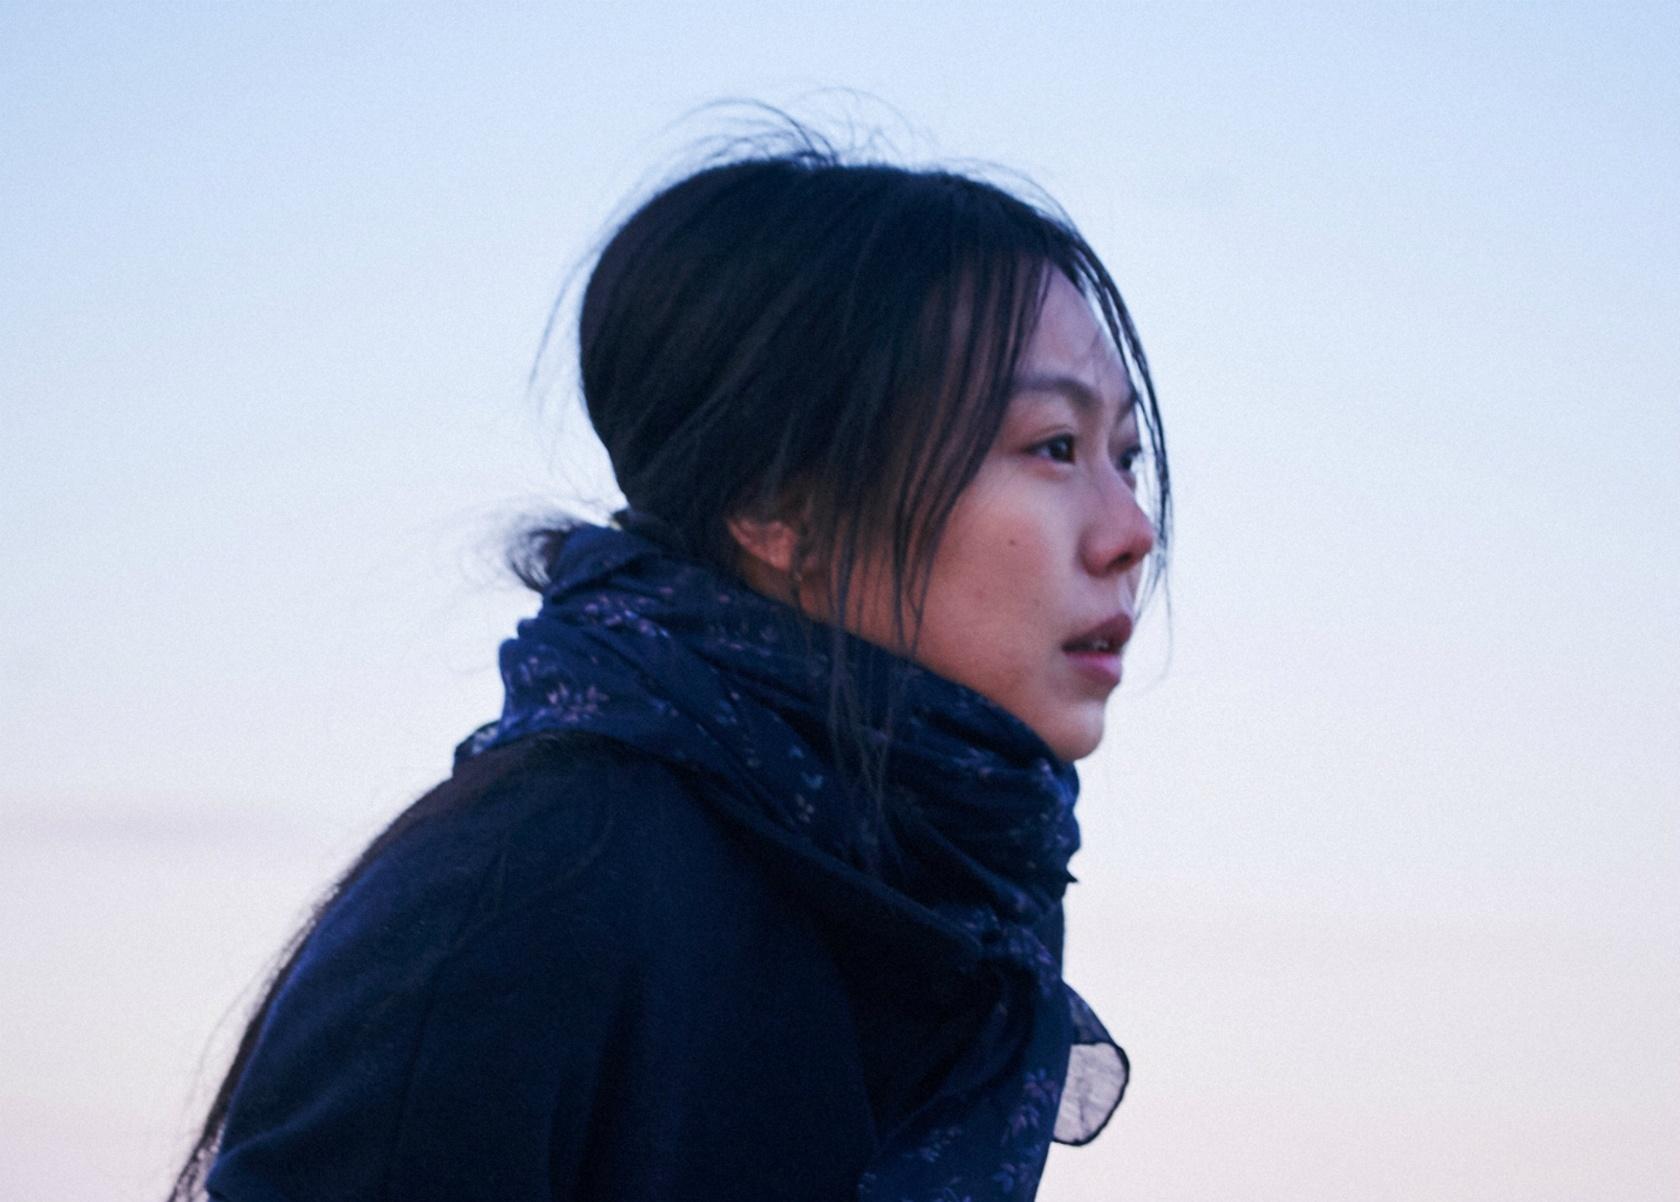 キム・ミニがベルリン国際映画祭で韓国人女優初の女優賞を獲得した『夜の浜辺でひとり』